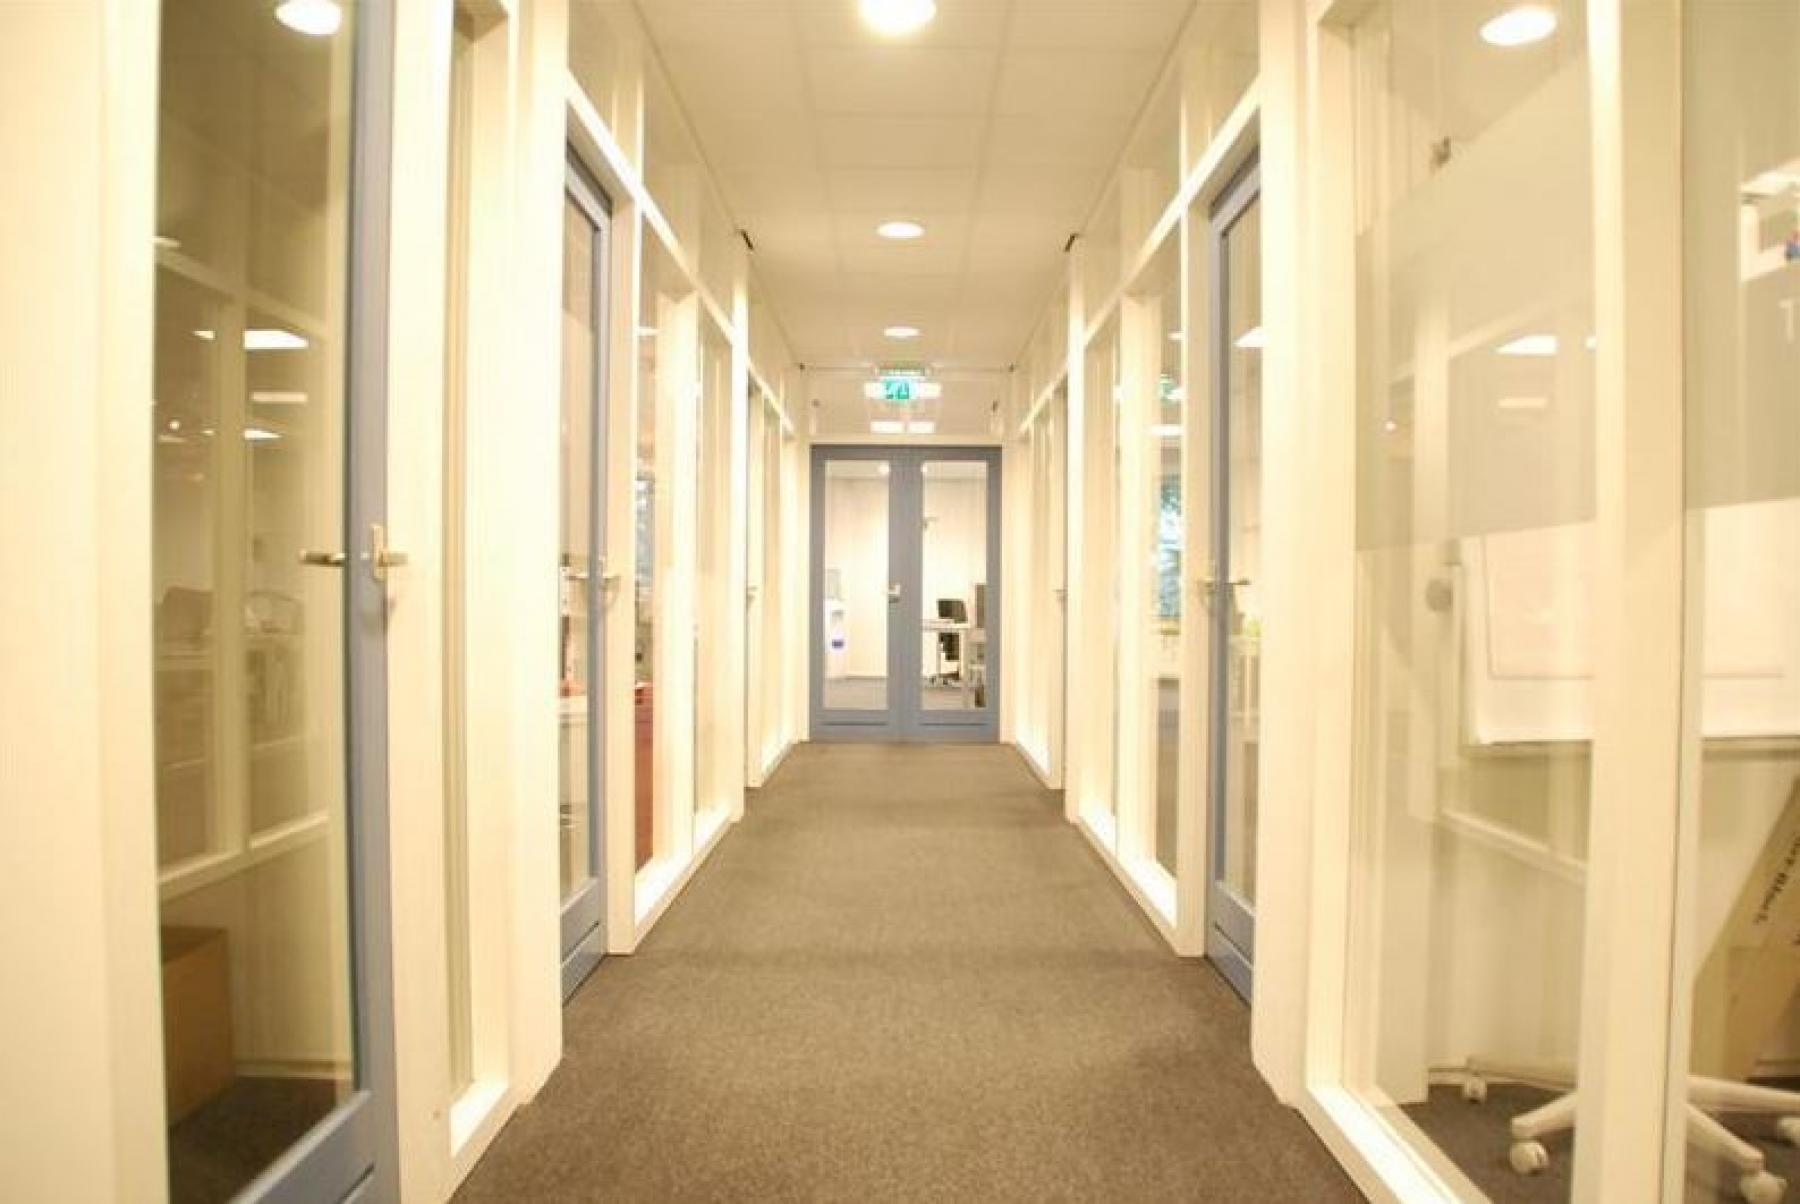 gang deuropeningen deuren kantoorgebouw waalwijk huren kantoorruimte SKEPP